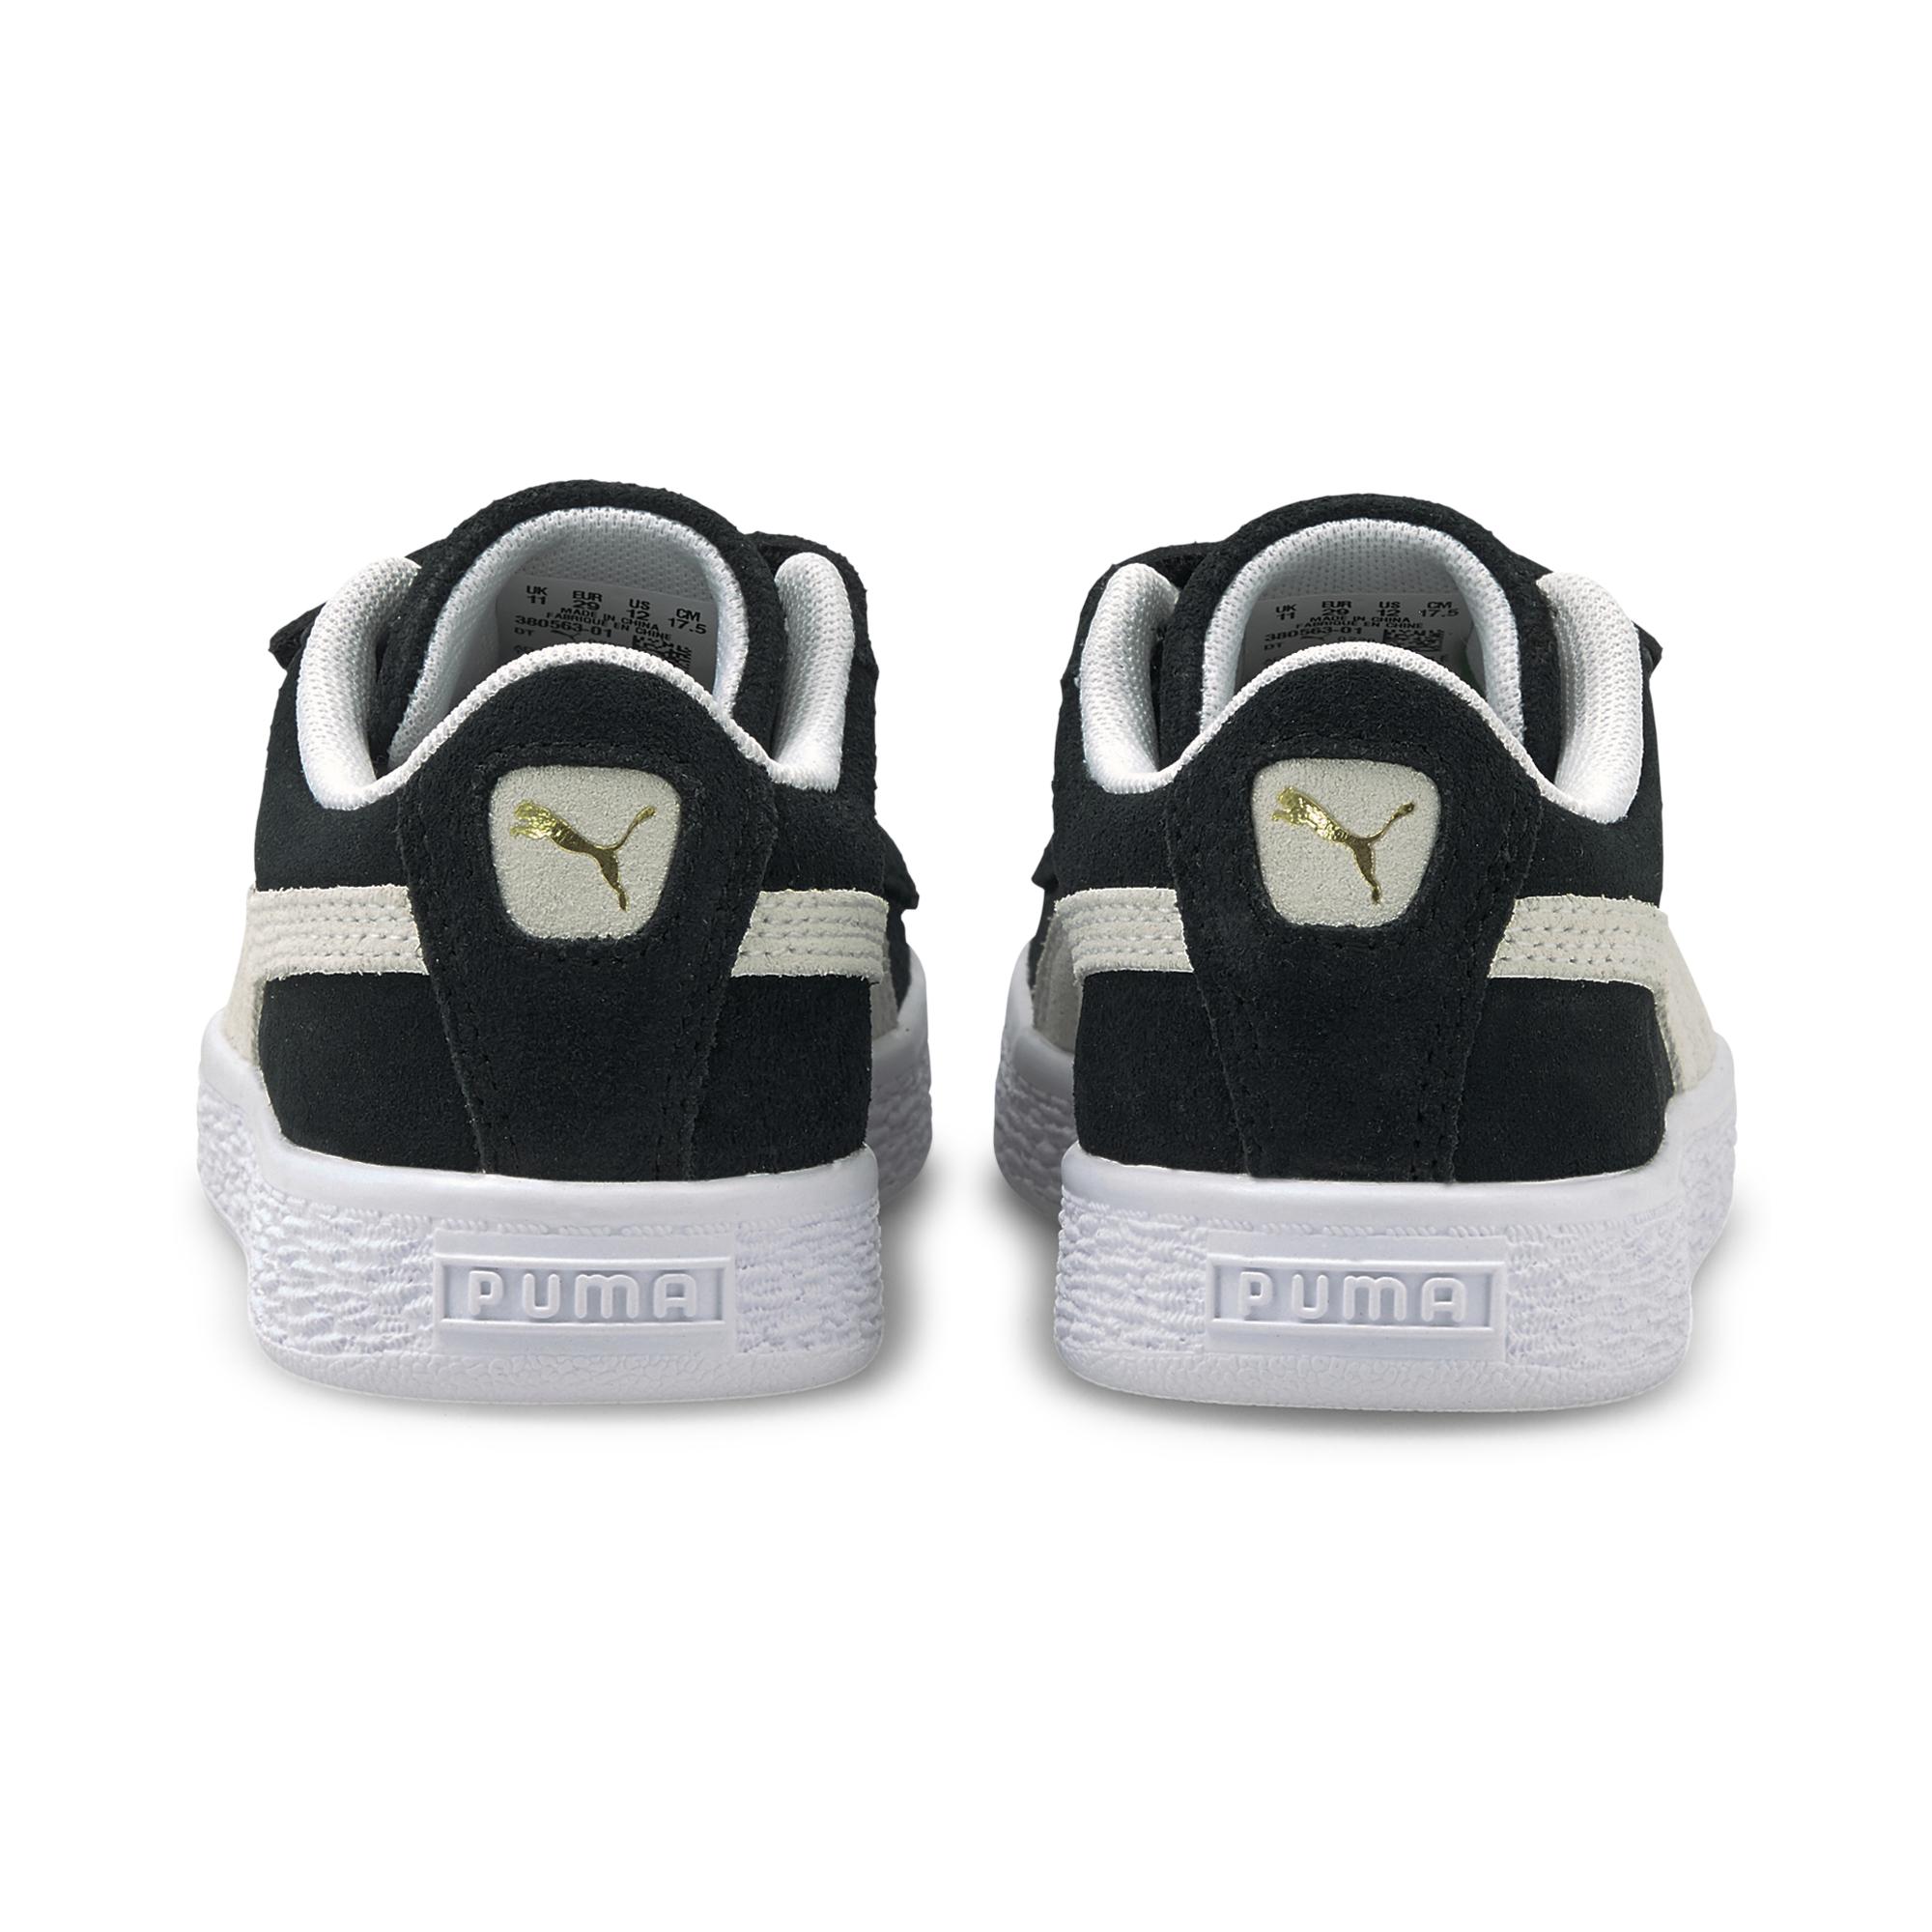 Puma Suede Classic XXI Kids sneakers, black, 30